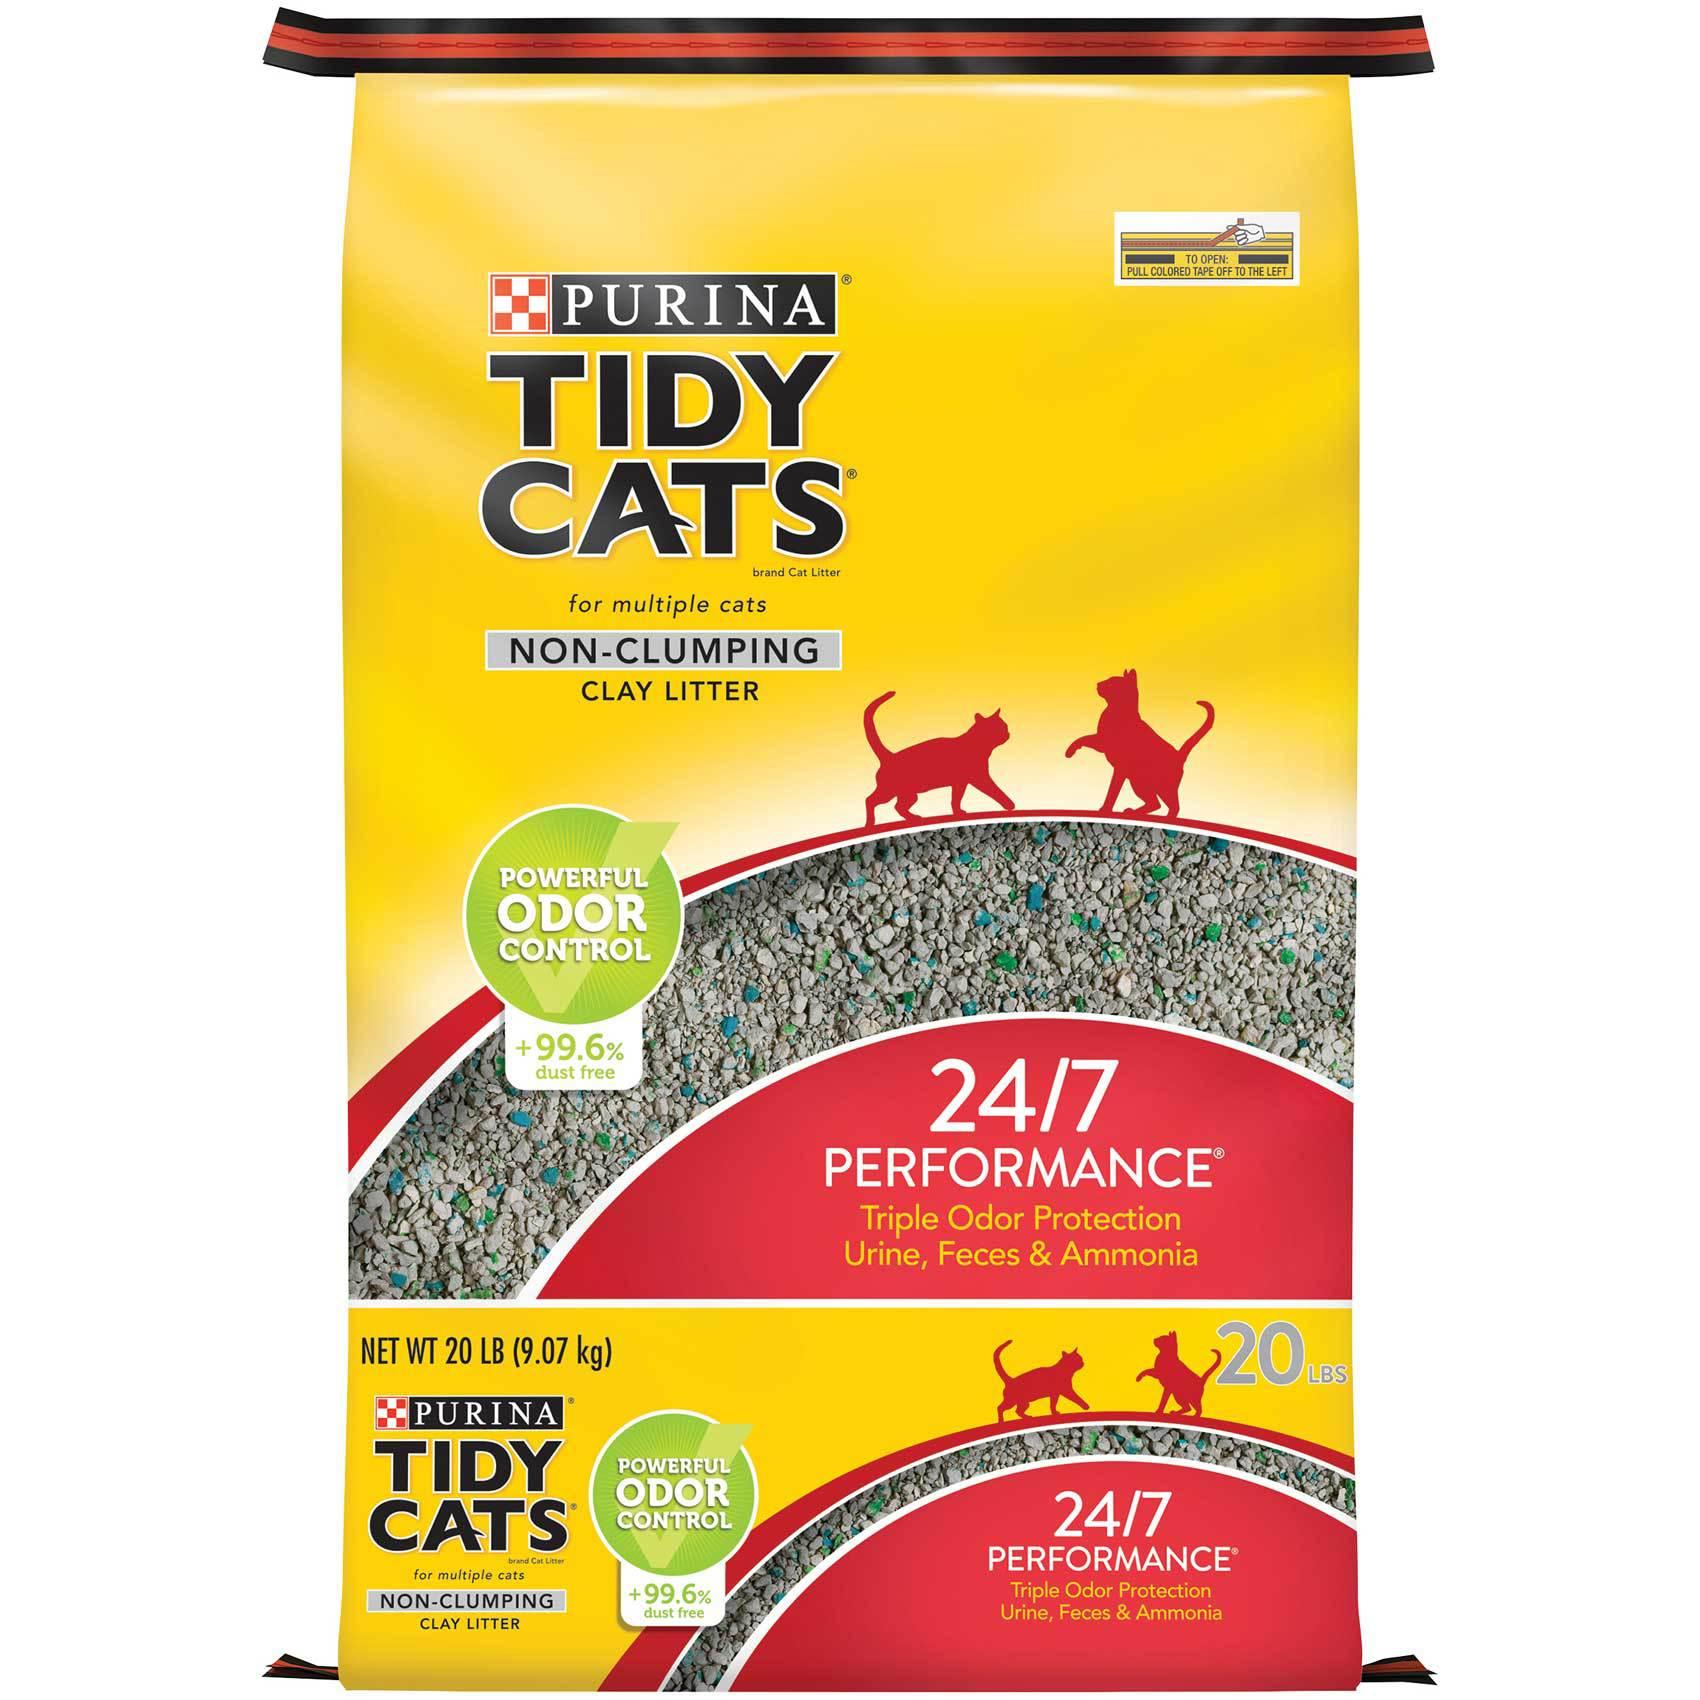 TIDY CATS LLOCF BAG 20LB 9.07KG